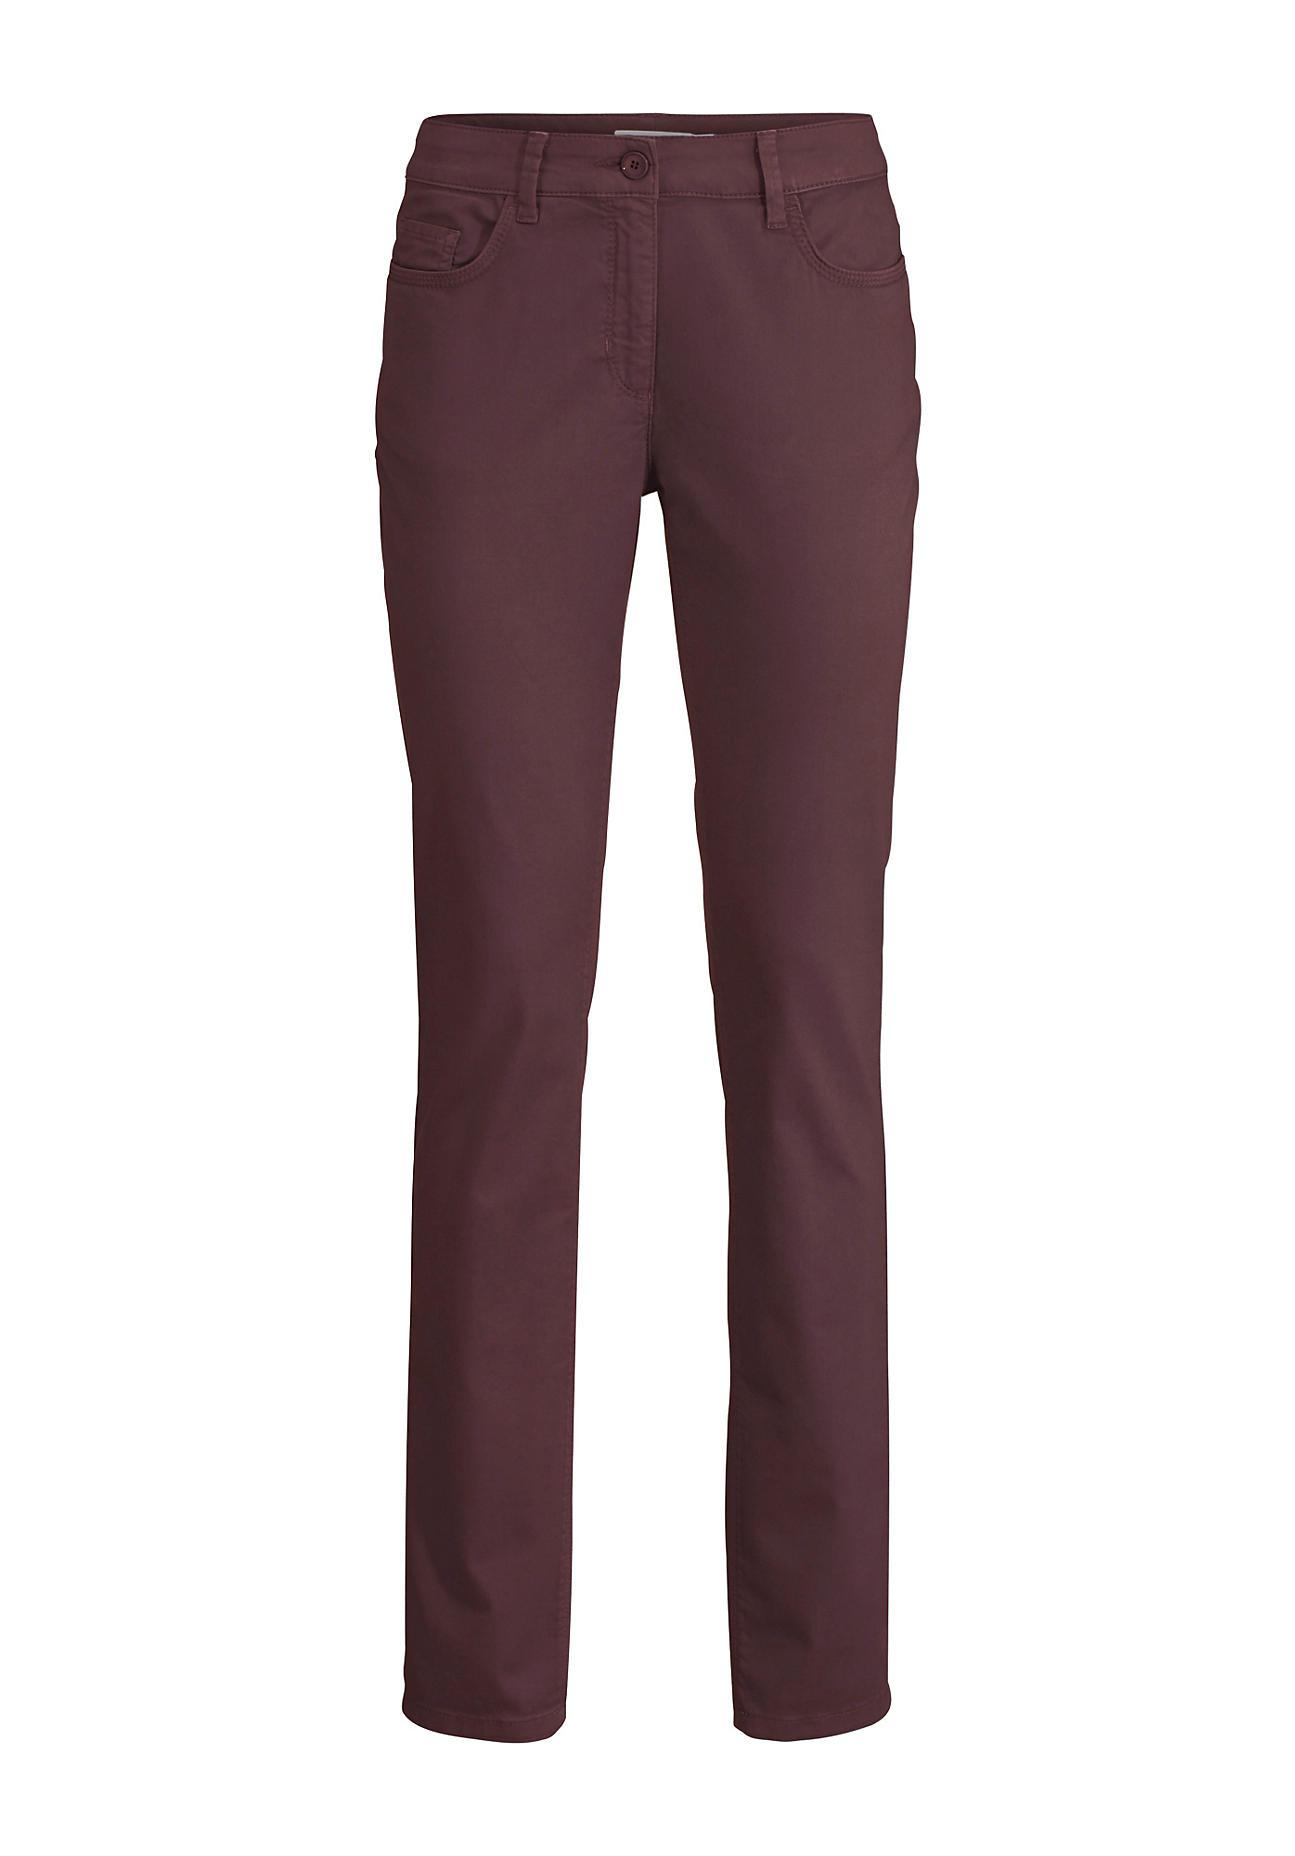 Hosen für Frauen - hessnatur Damen Hose aus Bio Baumwolle – braun –  - Onlineshop Hessnatur